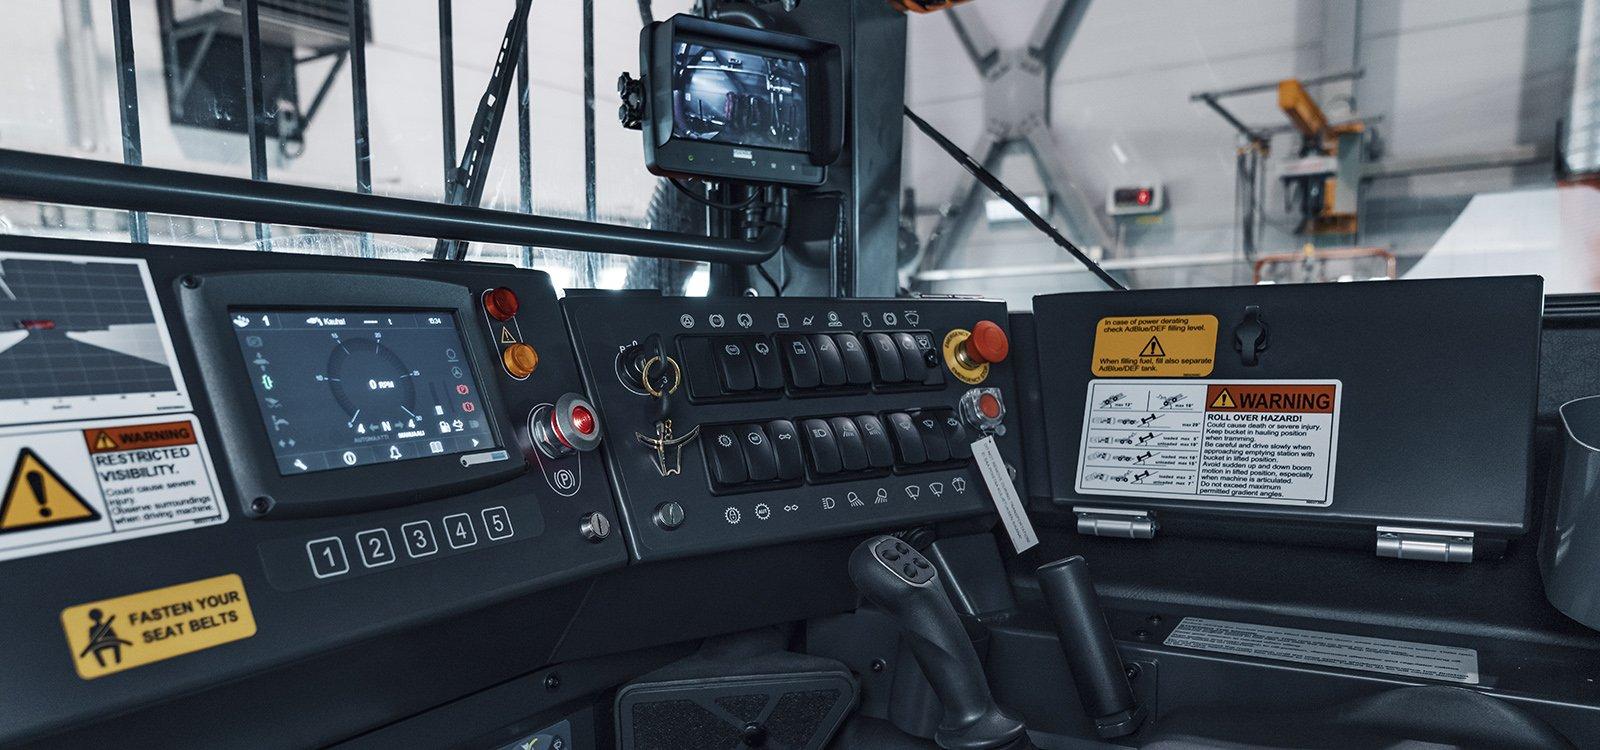 El Sandvik LH621i viene equipado con Sandvik Intelligent Control System y con My Sandvik Digital Services Knowledge Box.